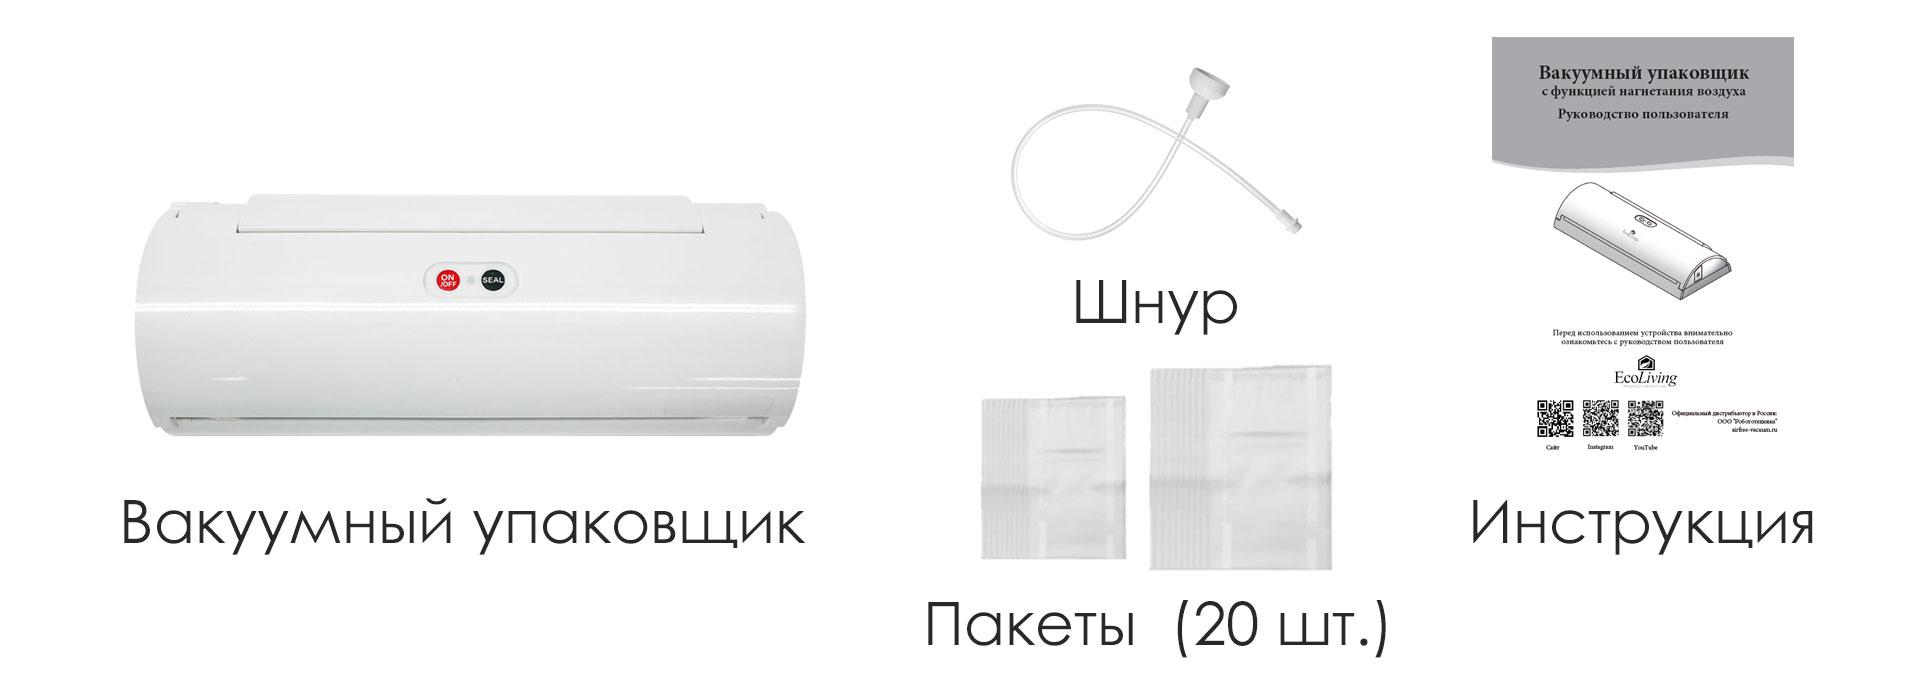 Комплектация вакуумнного упаковщика AirFree Sealer